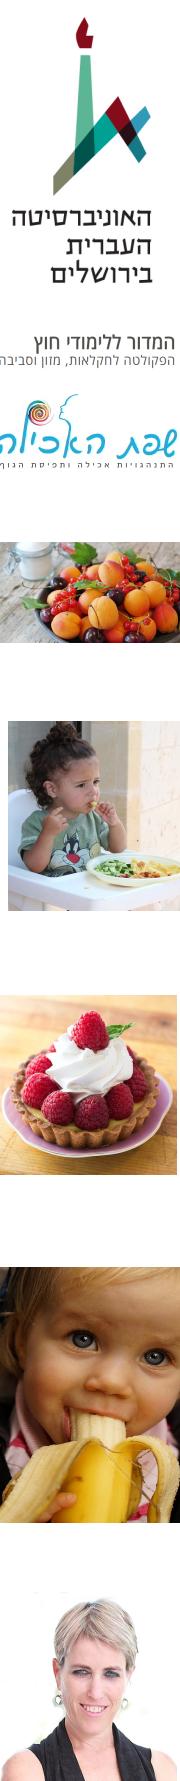 האוניברסיטה העברית  - המדור ללימודי חוץ, רחובות - קורס שפת האכילה למורים - התנהגויות אכילה ותפיסת גוף